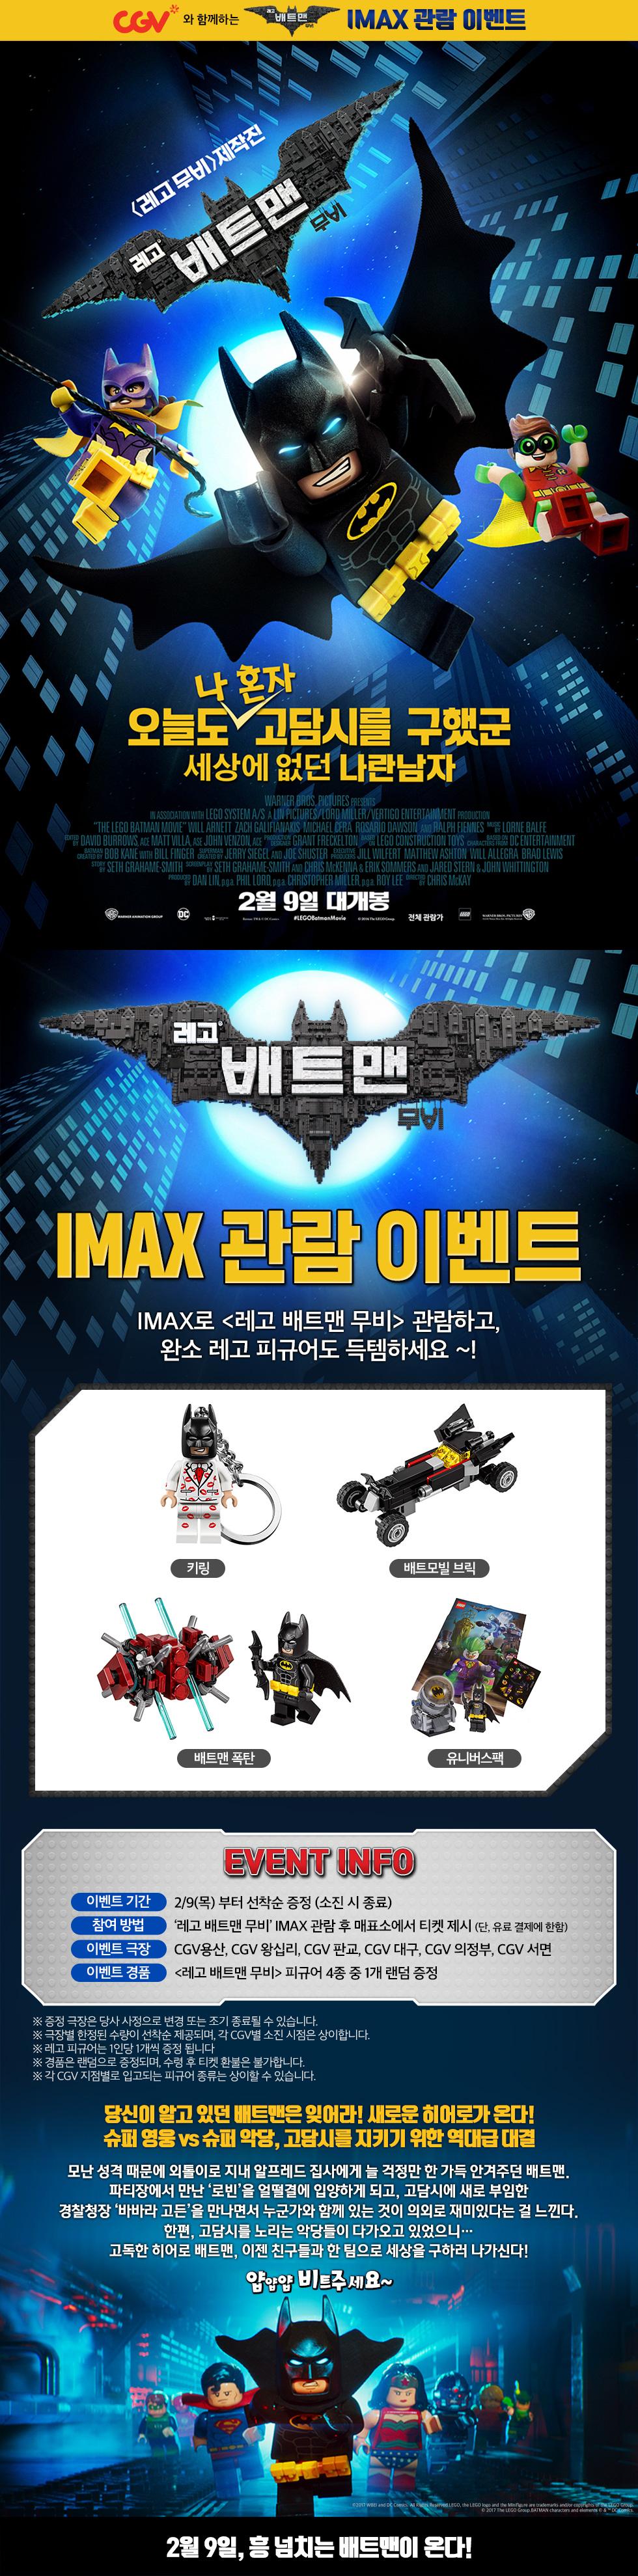 영화/예매 <레고 배트맨 무비> IMAX 관람 이벤트